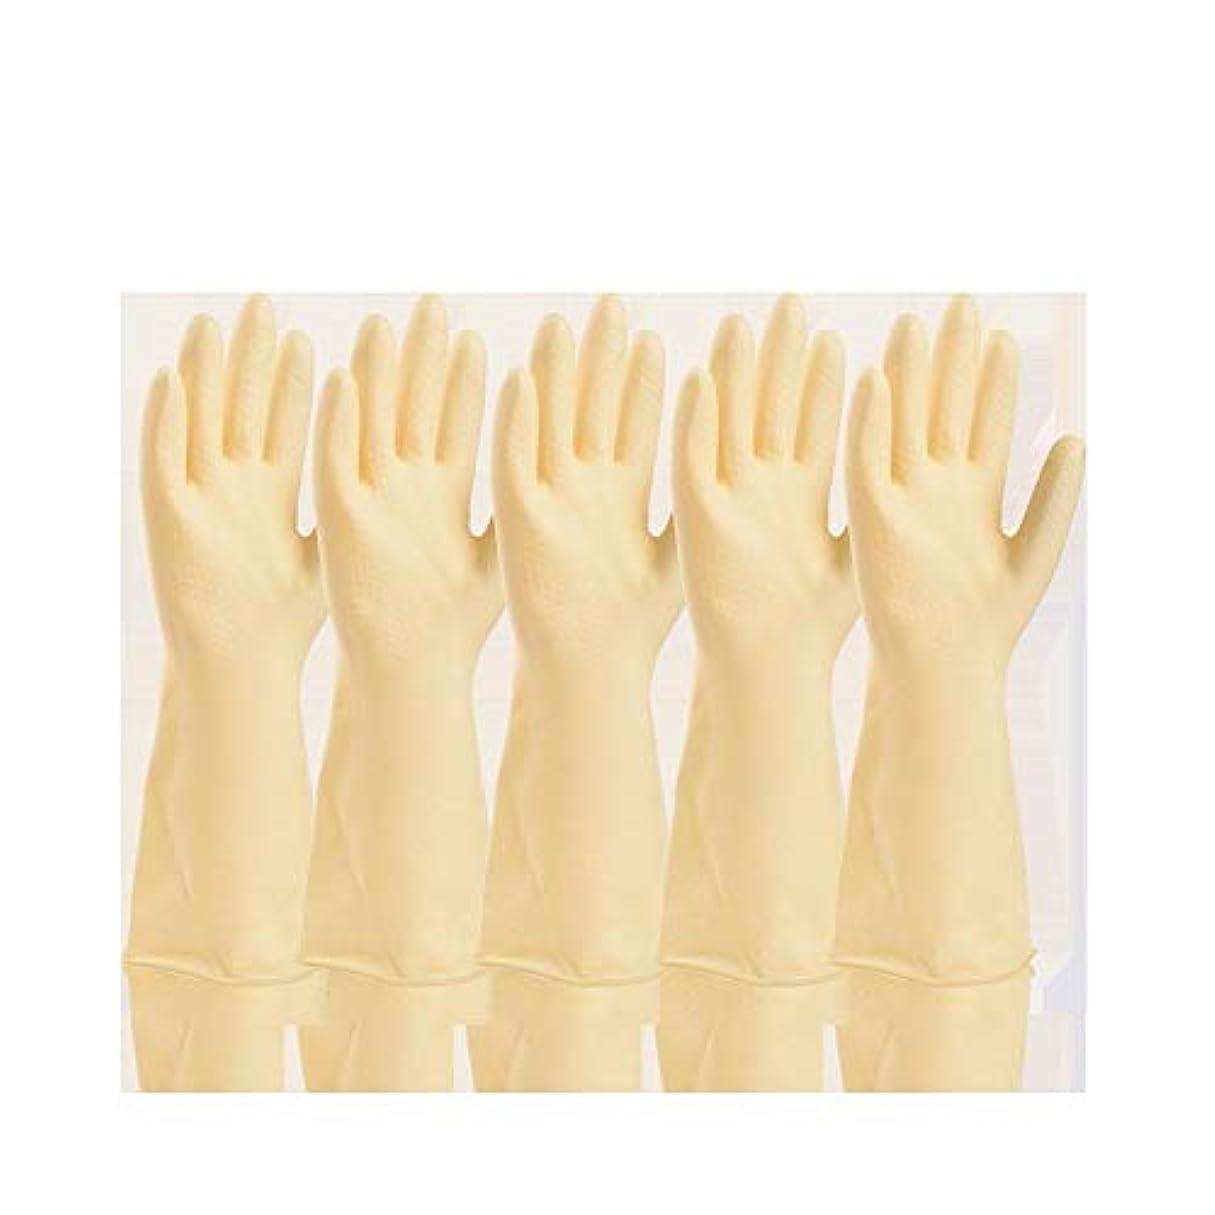 モンキー頑固な図BTXXYJP 手袋 キッチン用手袋 耐摩耗 食器洗い 作業 炊事 食器洗い 掃除 園芸 洗車 防水 防油 手袋 (Color : White, Size : S)